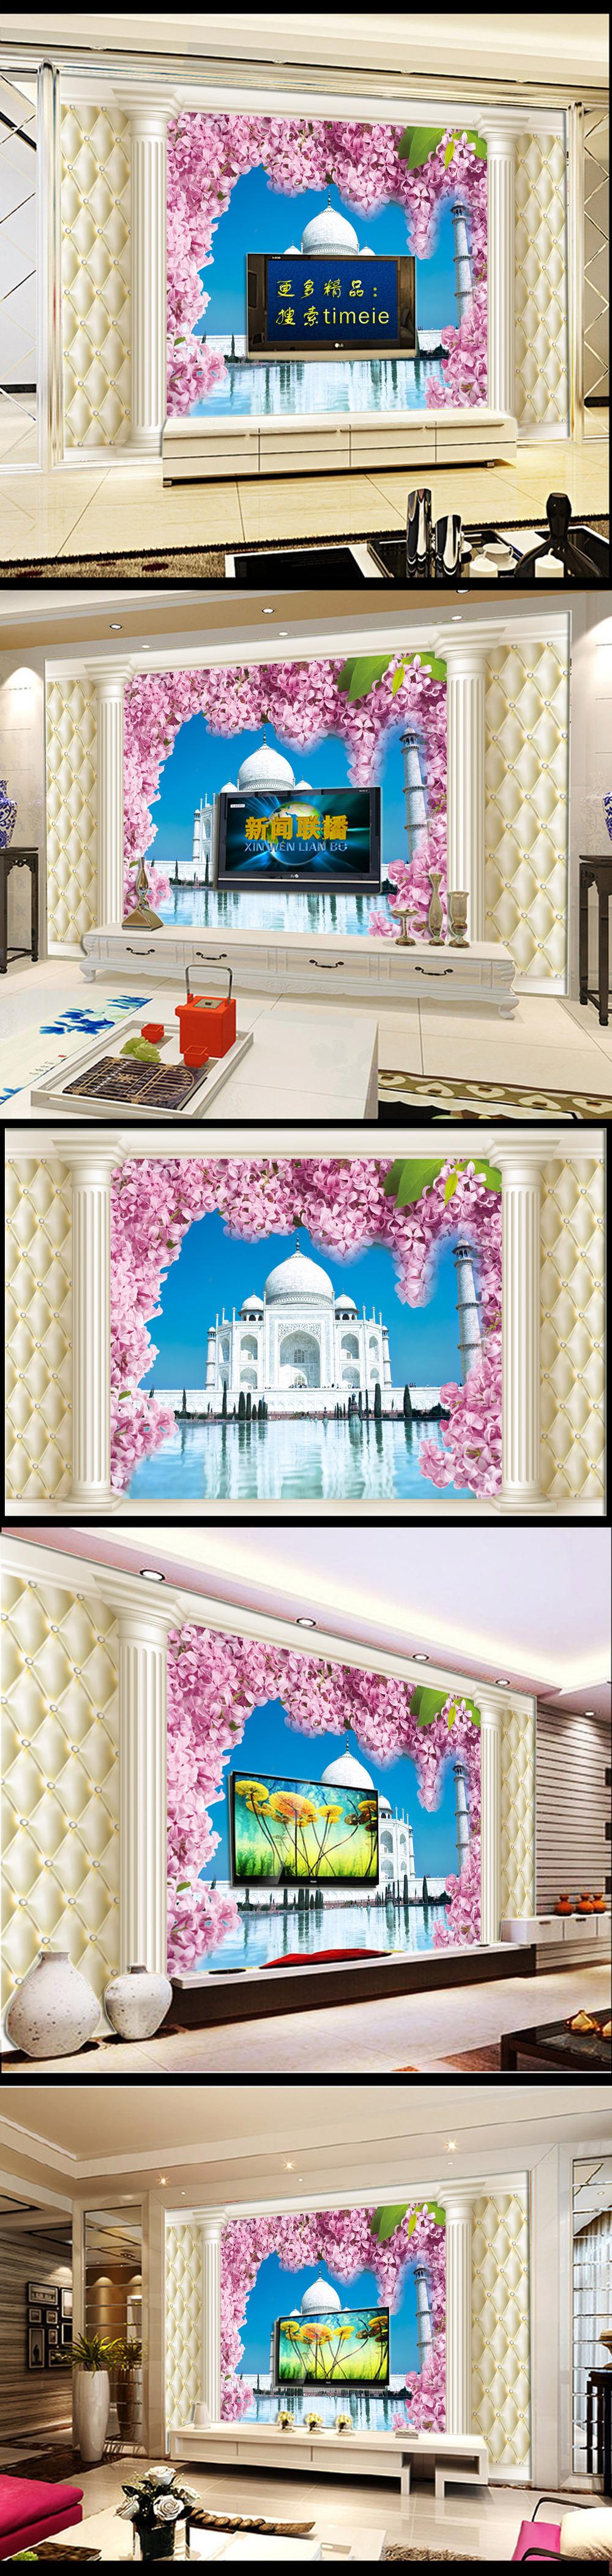 客厅风景3d欧式柱子威尼斯电视背景墙